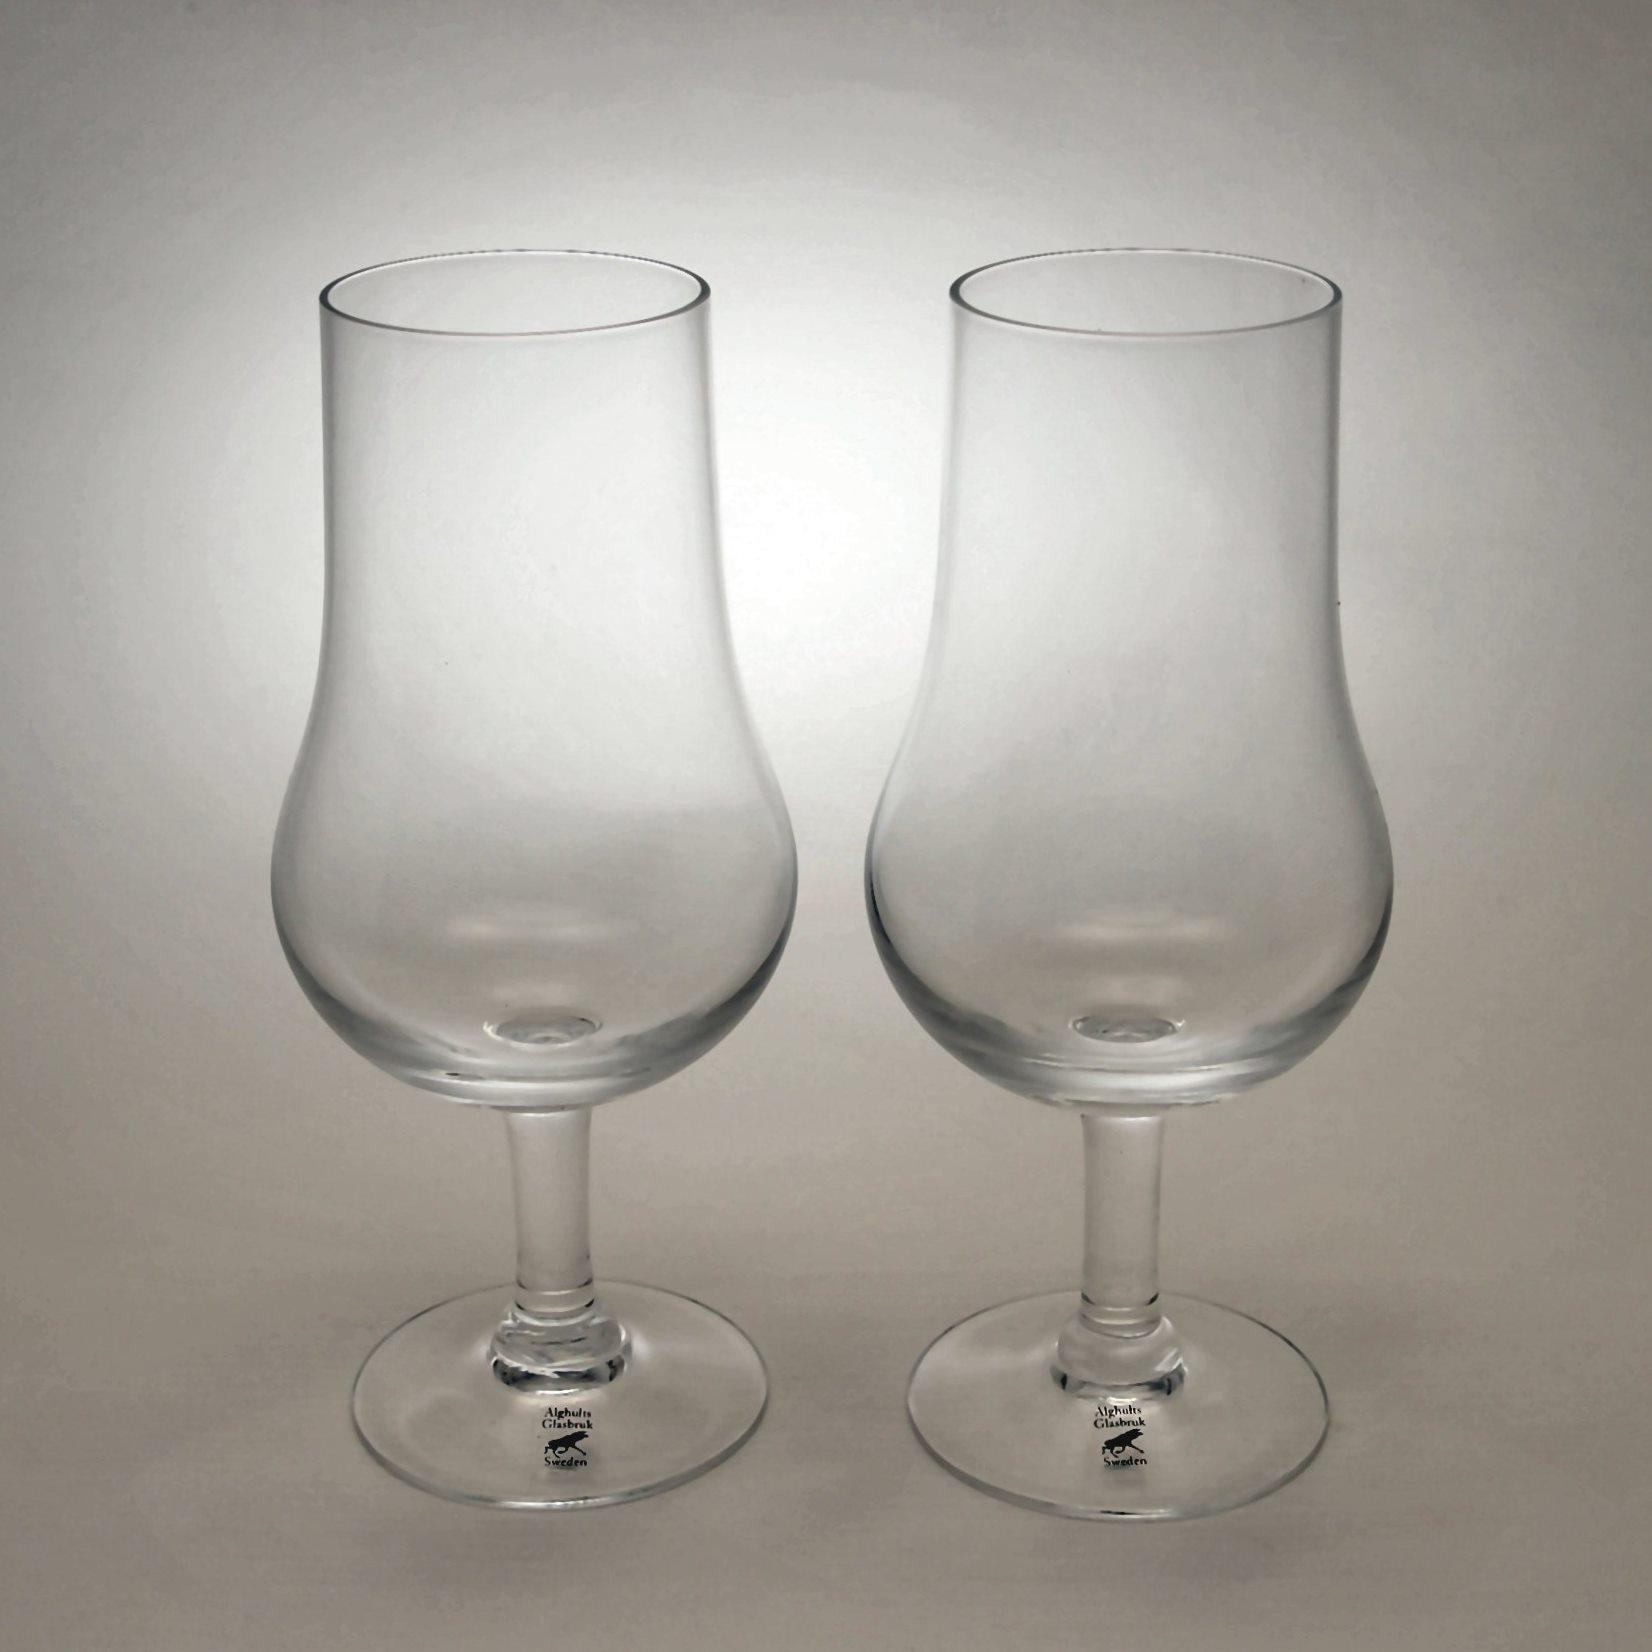 アルグハルト ツイスト ワインティスティング グラス ペアセット Alghult Twist Wine Tasting Glass Pair Set